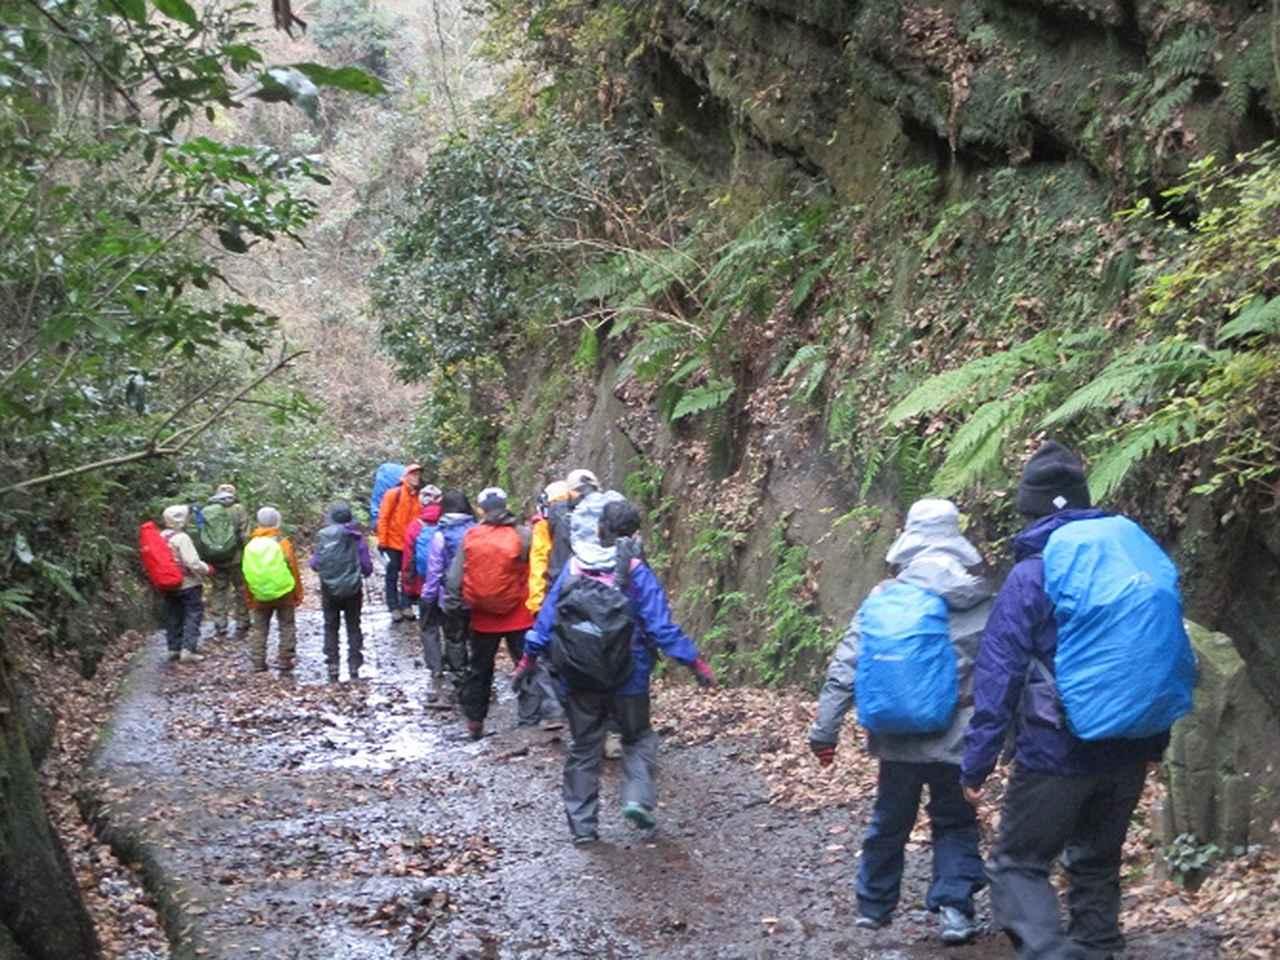 画像3: 1月12日に山旅会現地集合ツアー 「六浦から朝比奈切通・大平山」 ツアーにいってまいりました!